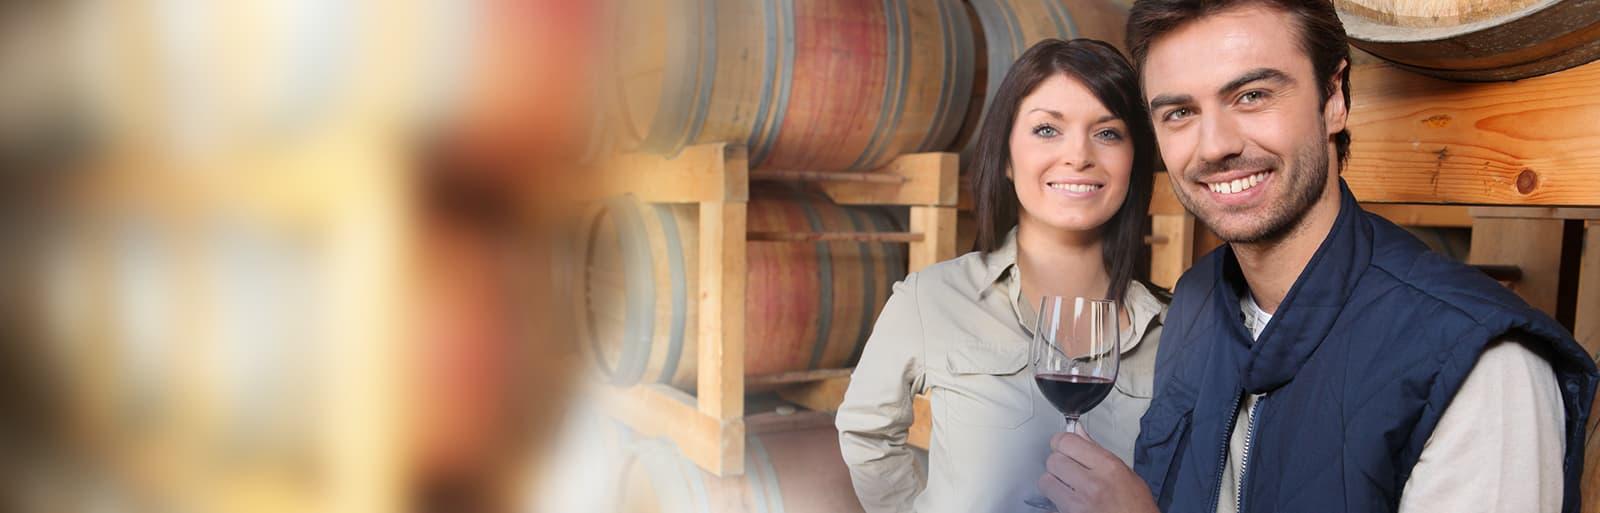 Les enjeux et besoins des viticulteurs